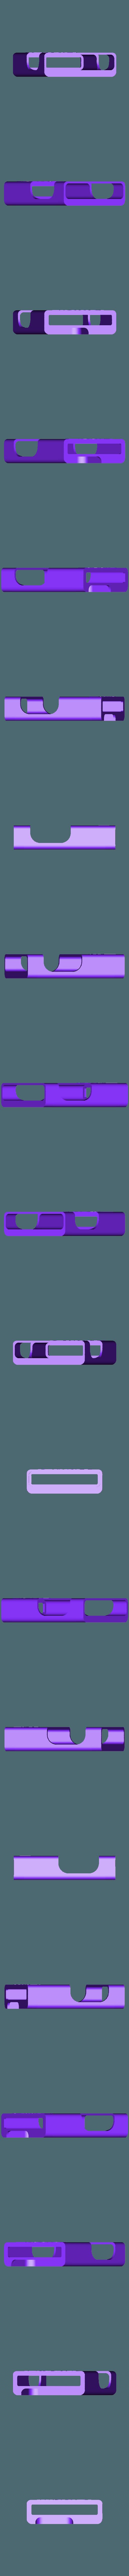 Battery Holder v1 v36.stl Download STL file Arduino RaspBerry Pi Rasbian On Site Programmer • 3D printer template, nik101968